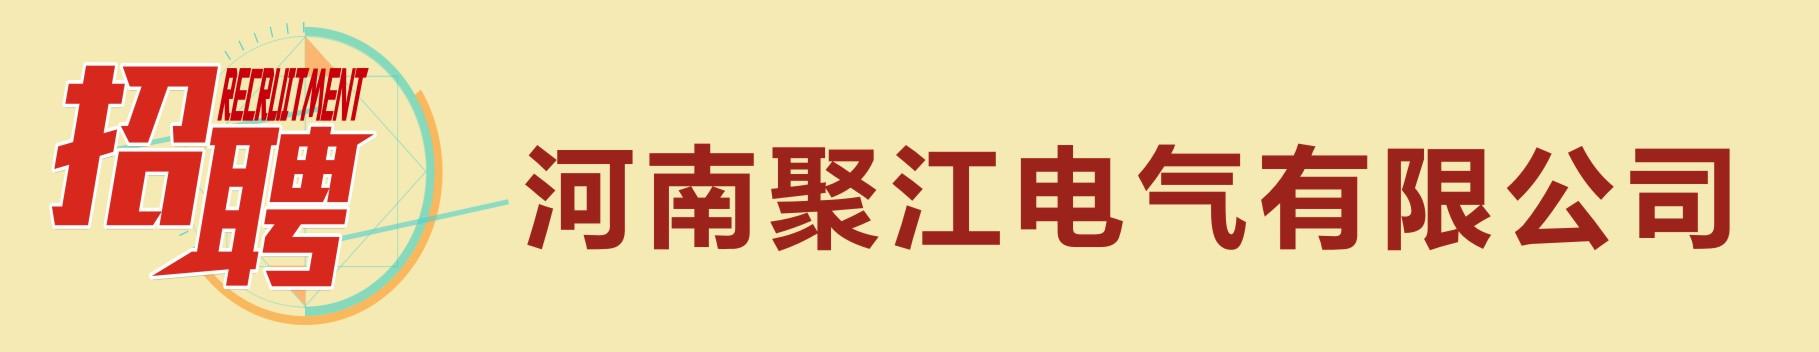 河南聚江电气有限公司